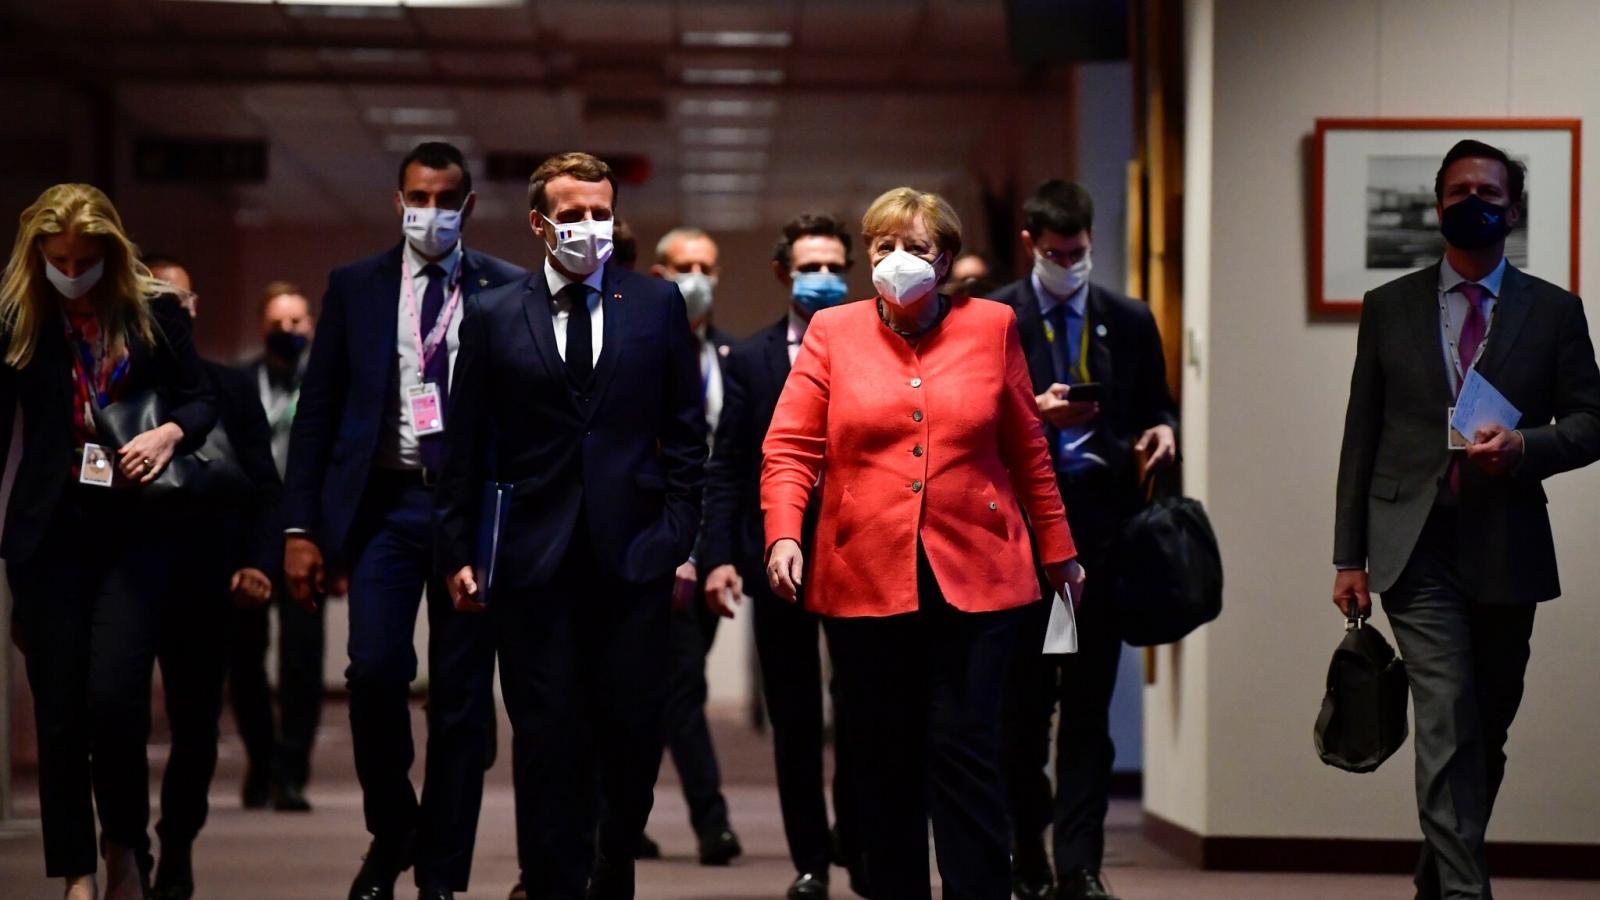 Cơ hội cho Tổng thống Pháp Macron trở thành người dẫn dắt EU sau bà Merkel?